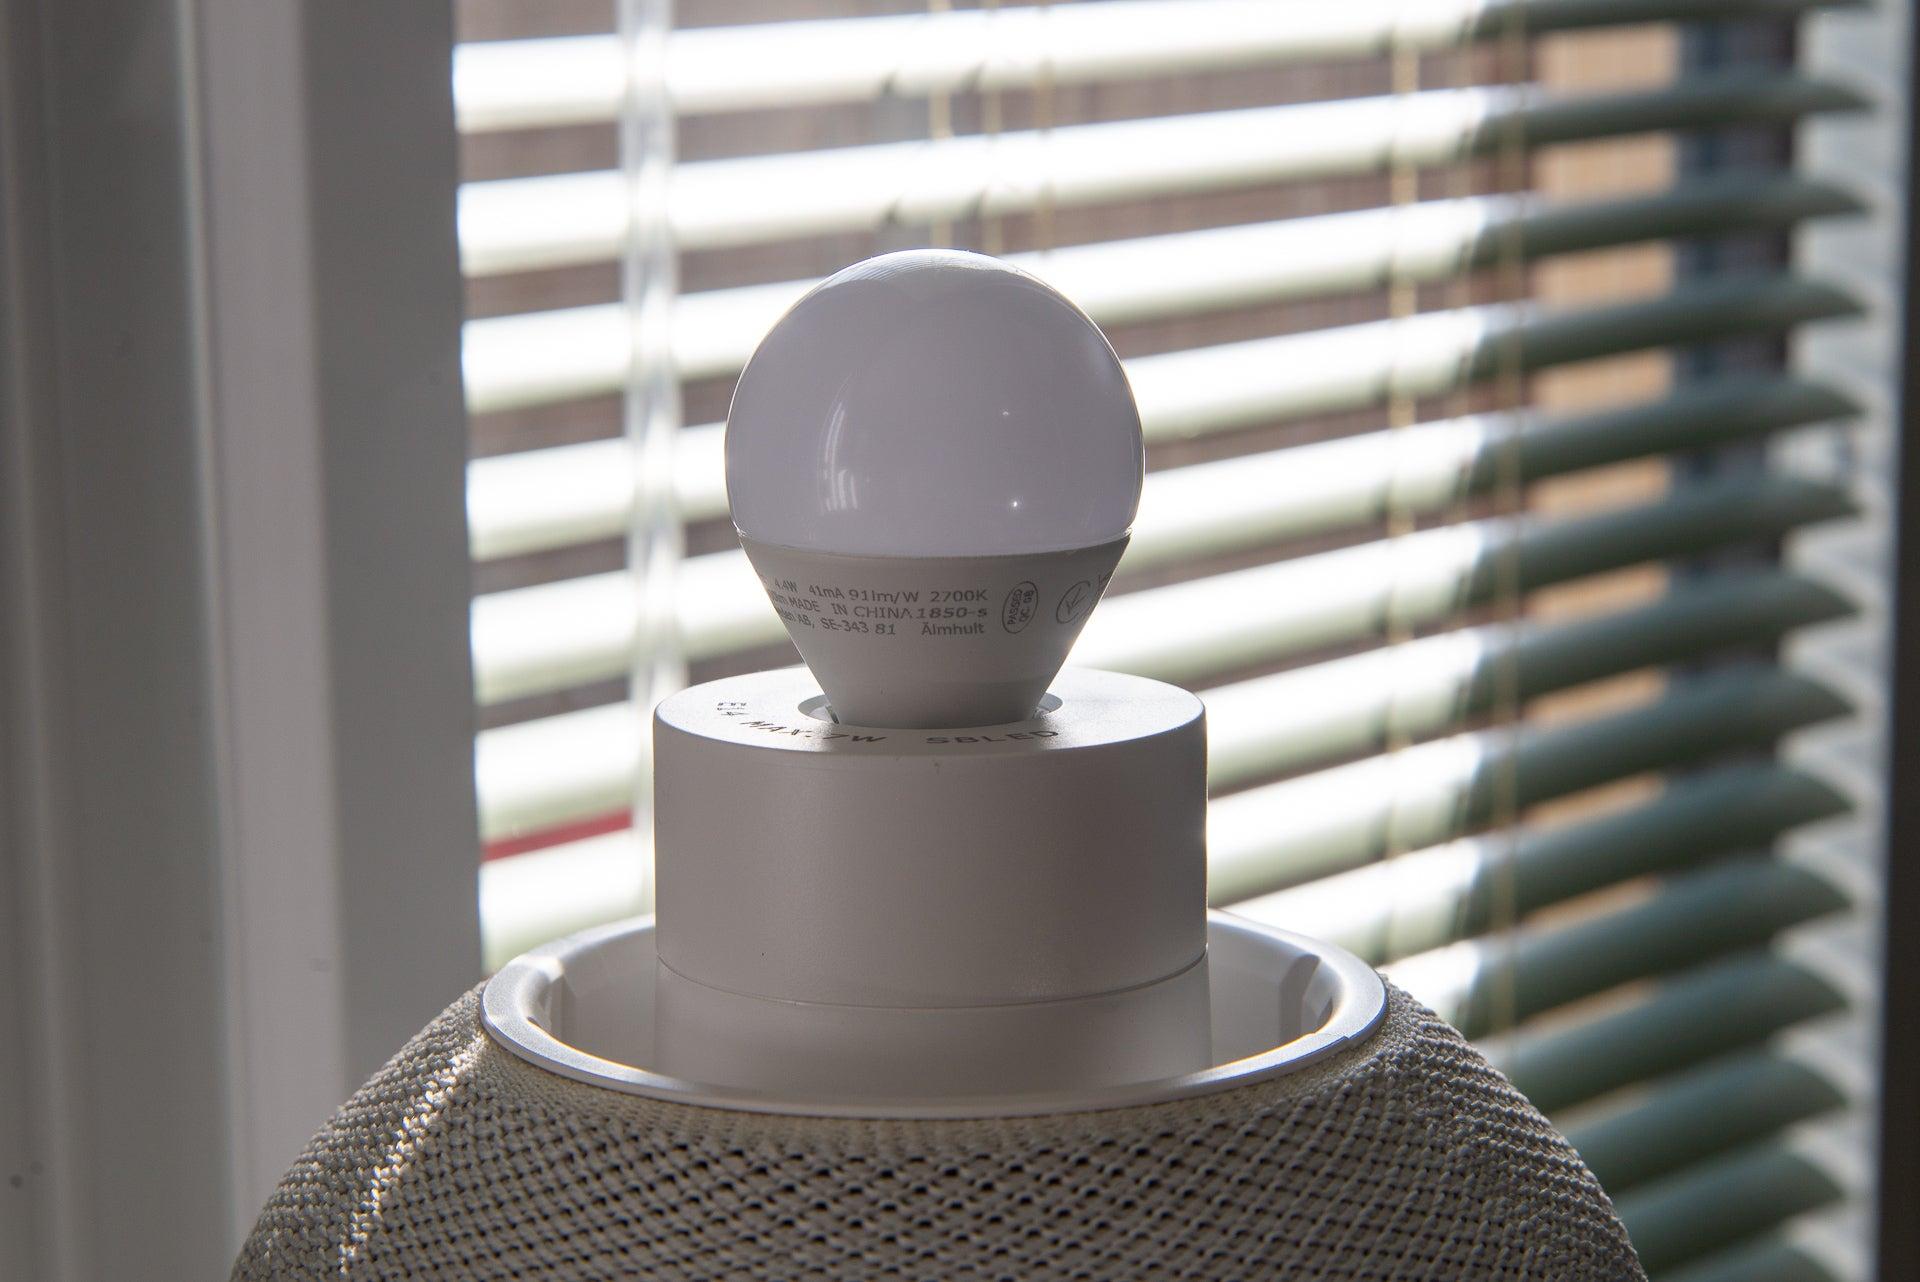 Sonos Ikea Symfonisk Table Lamp Speaker bulb fitting